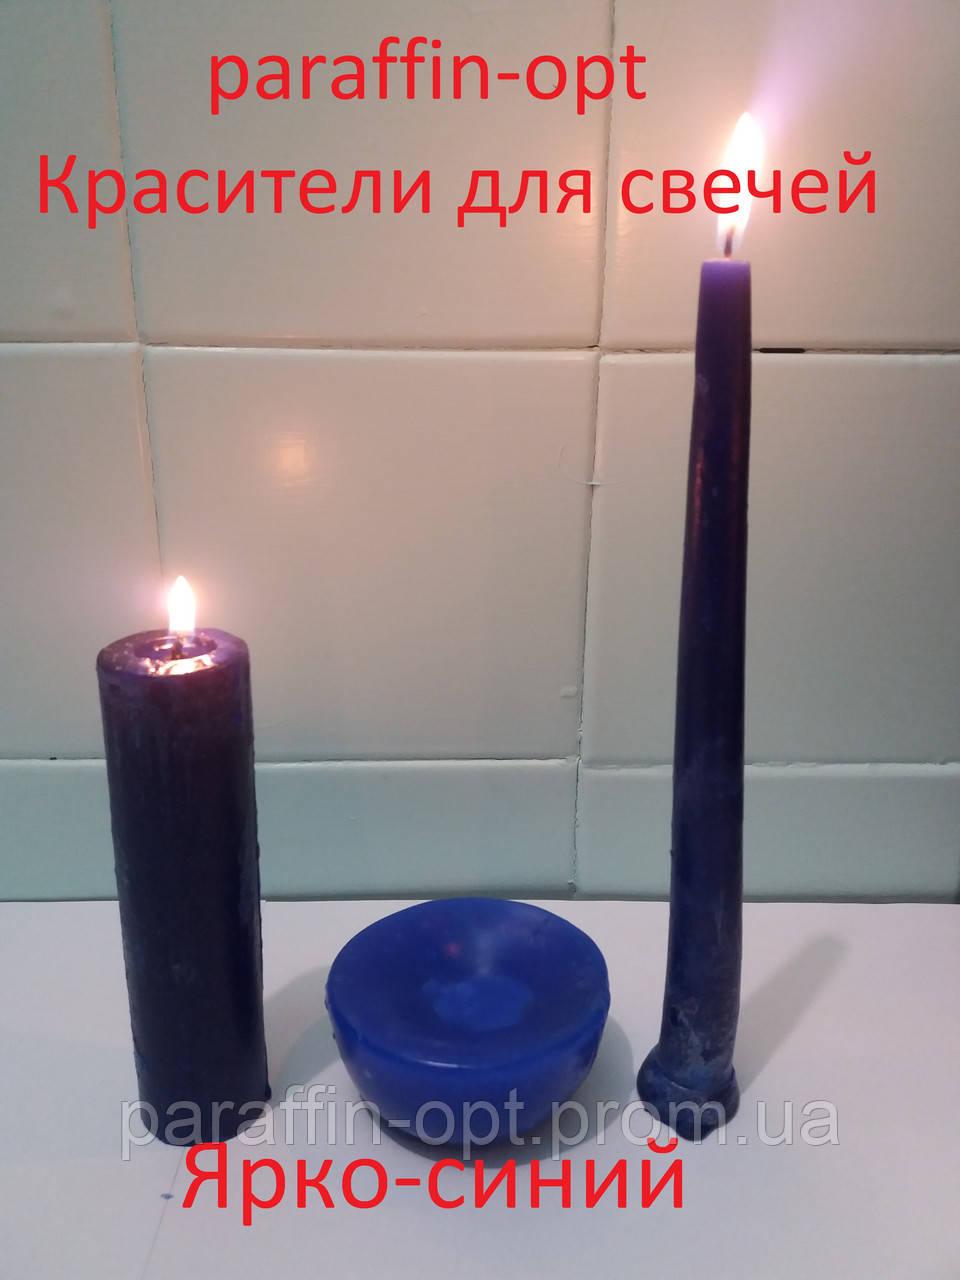 Краситель для свечей Ярко-синий